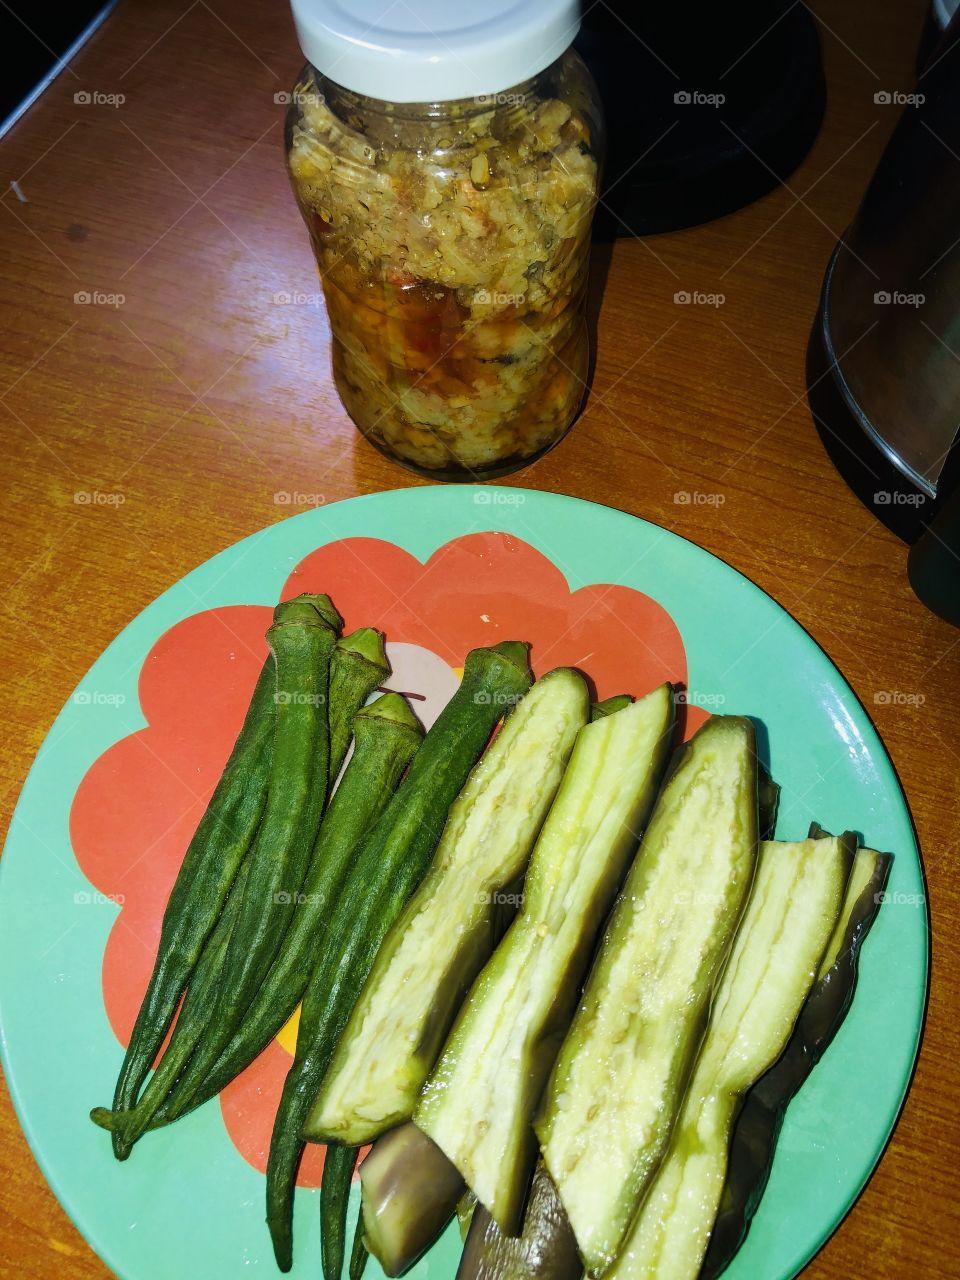 Steamed veggies anyone?🍽